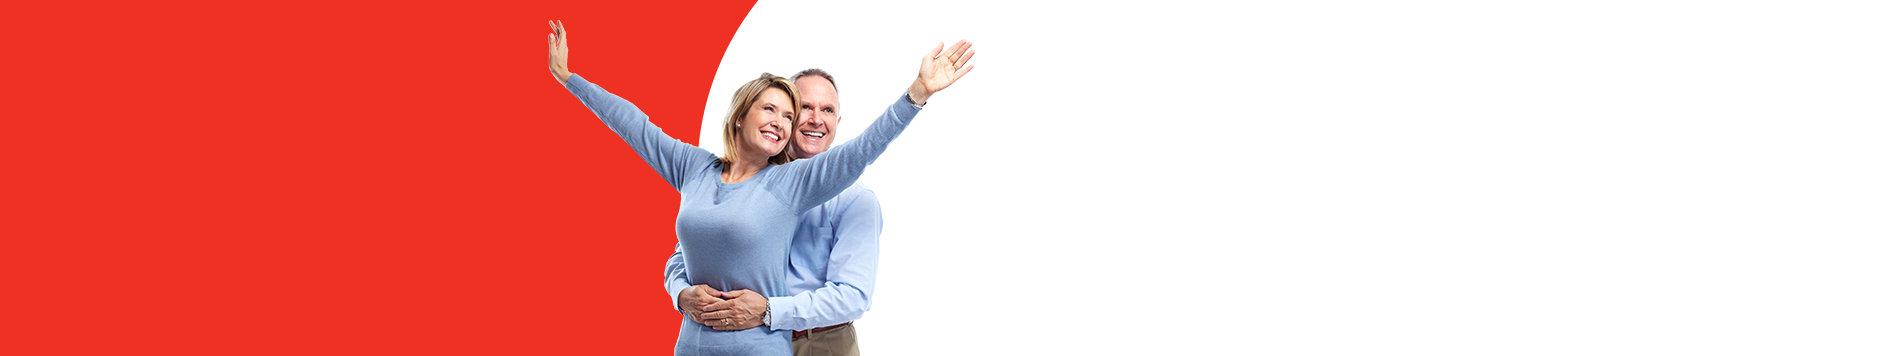 אביזרים לכתף מרפק וכף יד Accessories for shoulder elbow and palm